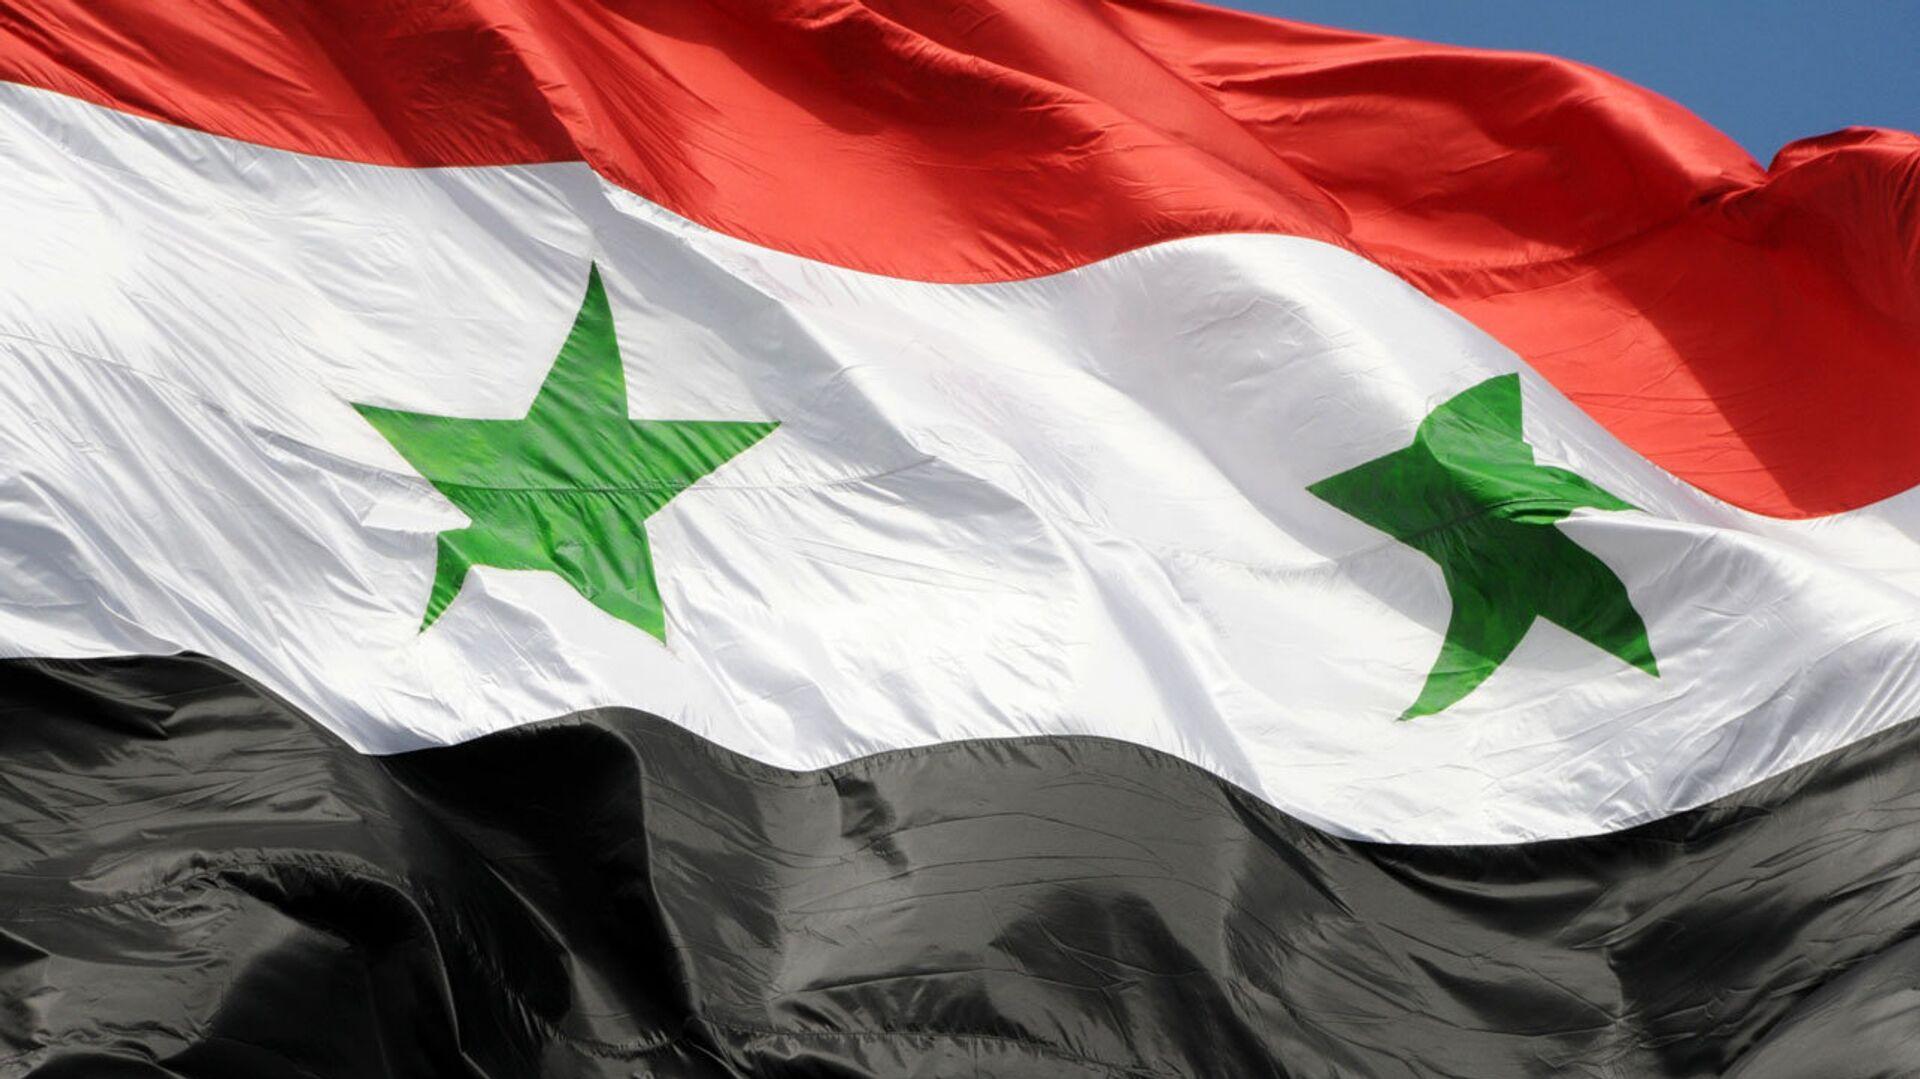 La bandera de Siria - Sputnik Mundo, 1920, 26.02.2021